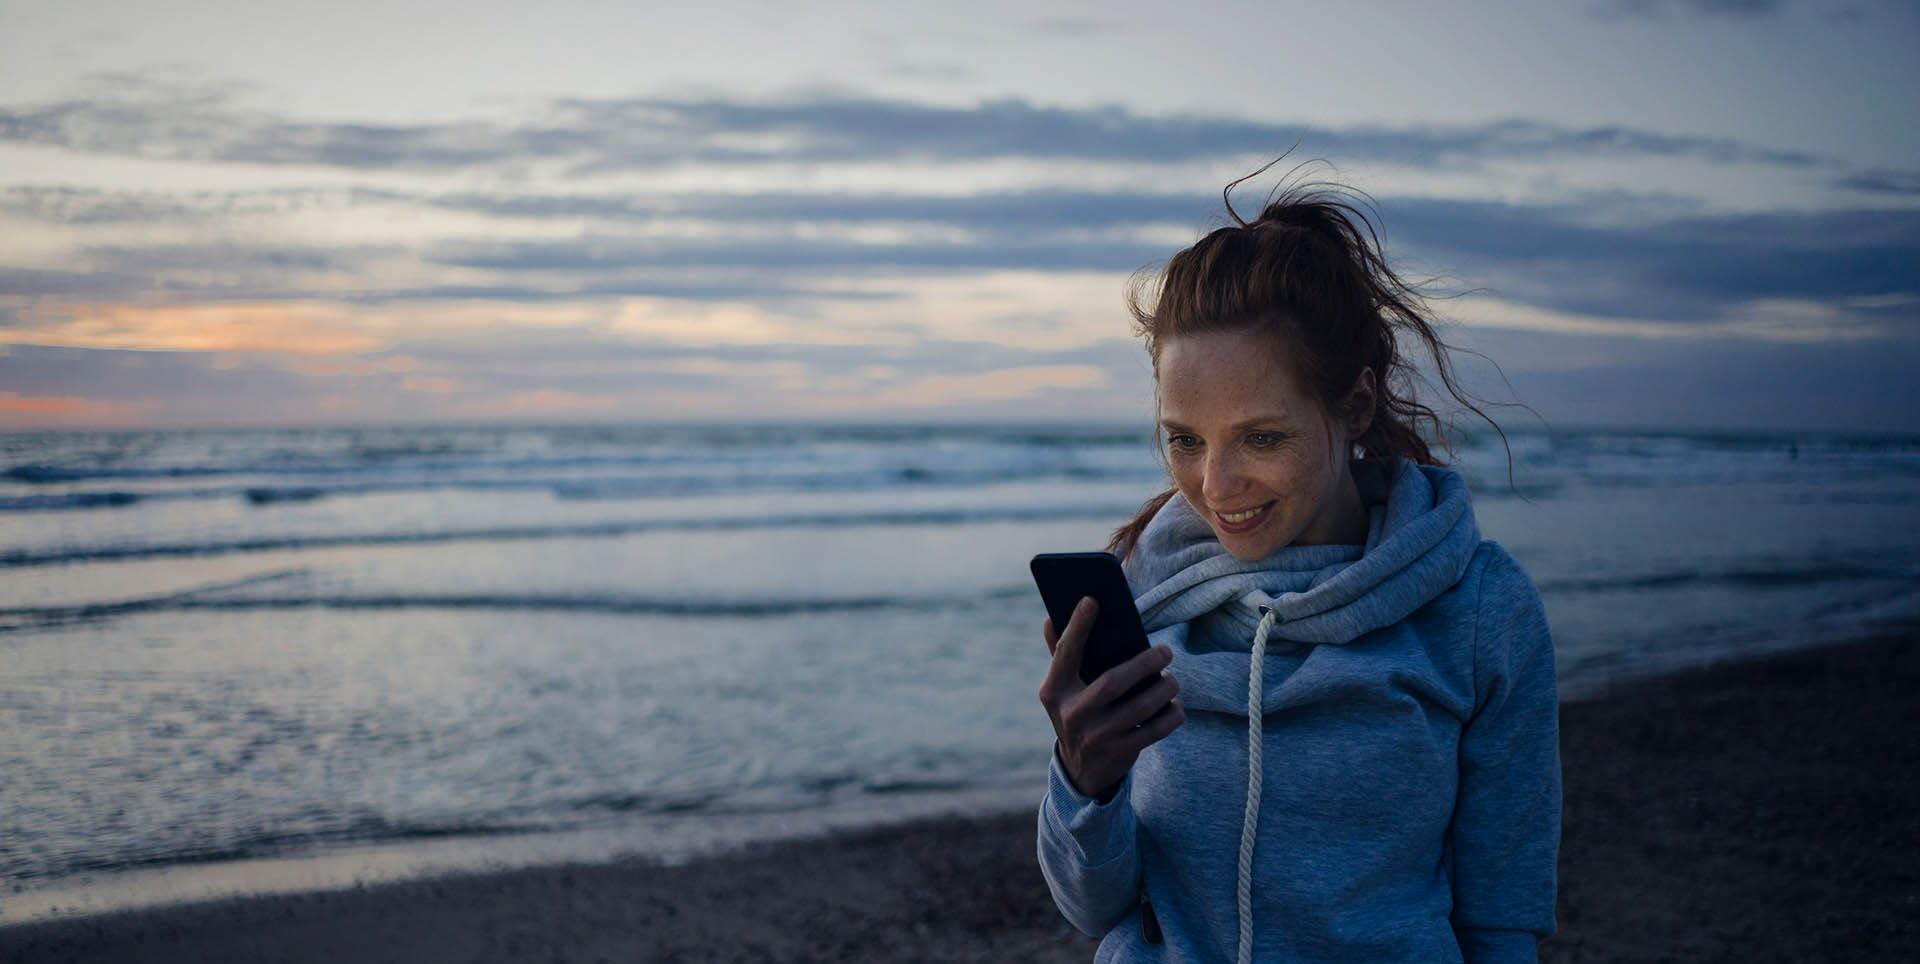 Leende kvinna står vid stranden och tittar på sin mobil. På Tele2 Företag erbjuder vi förmåner för företag som samlar sina tjänster hos oss.